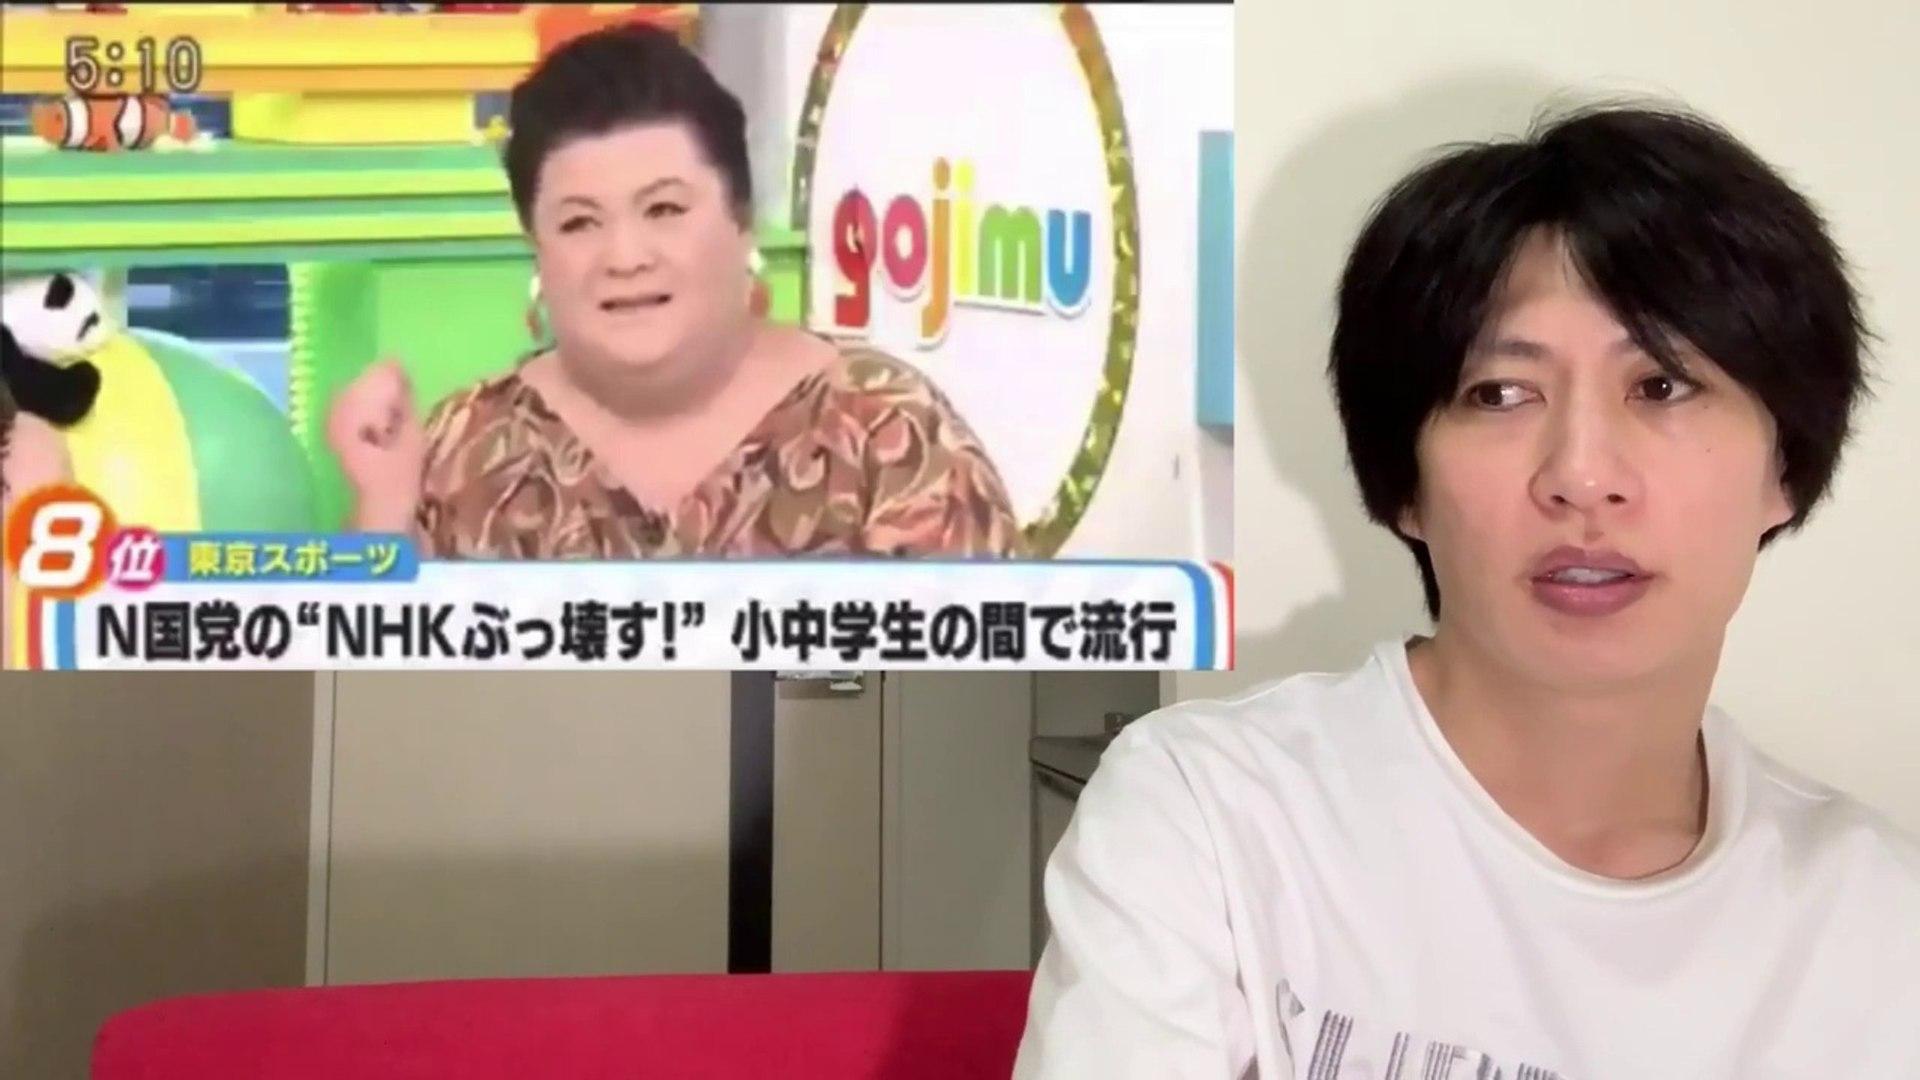 チャンネル 年齢 遠藤